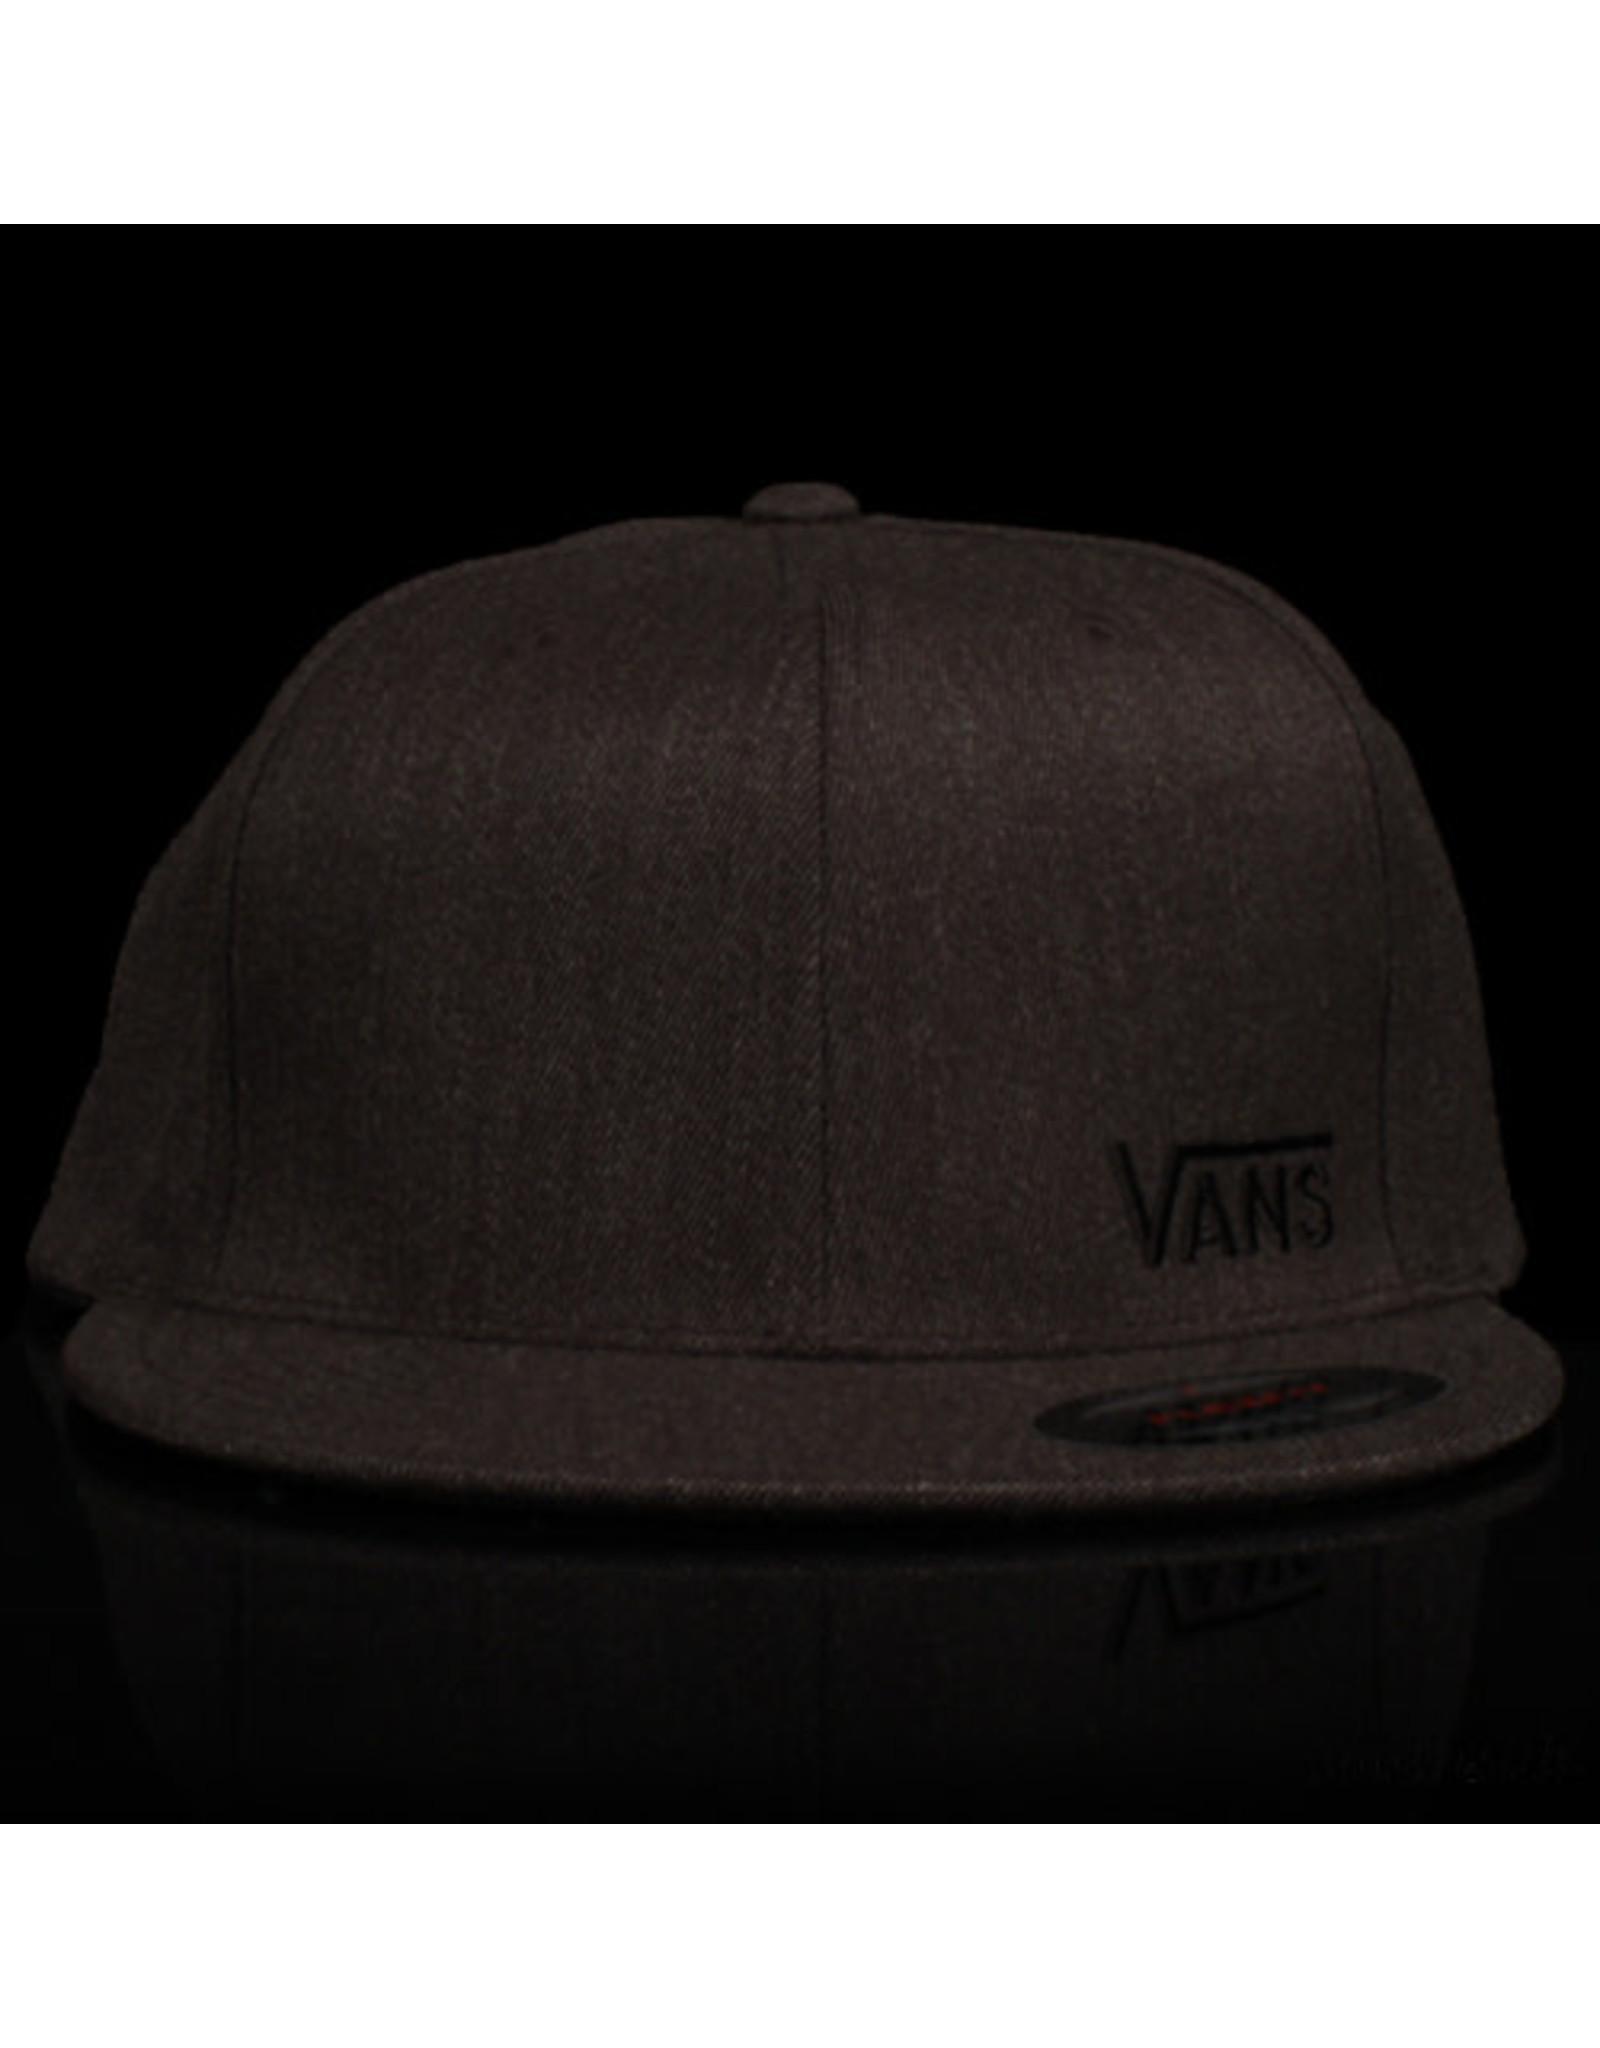 VANS Vans Hat Splitz Charcoal LG/XL